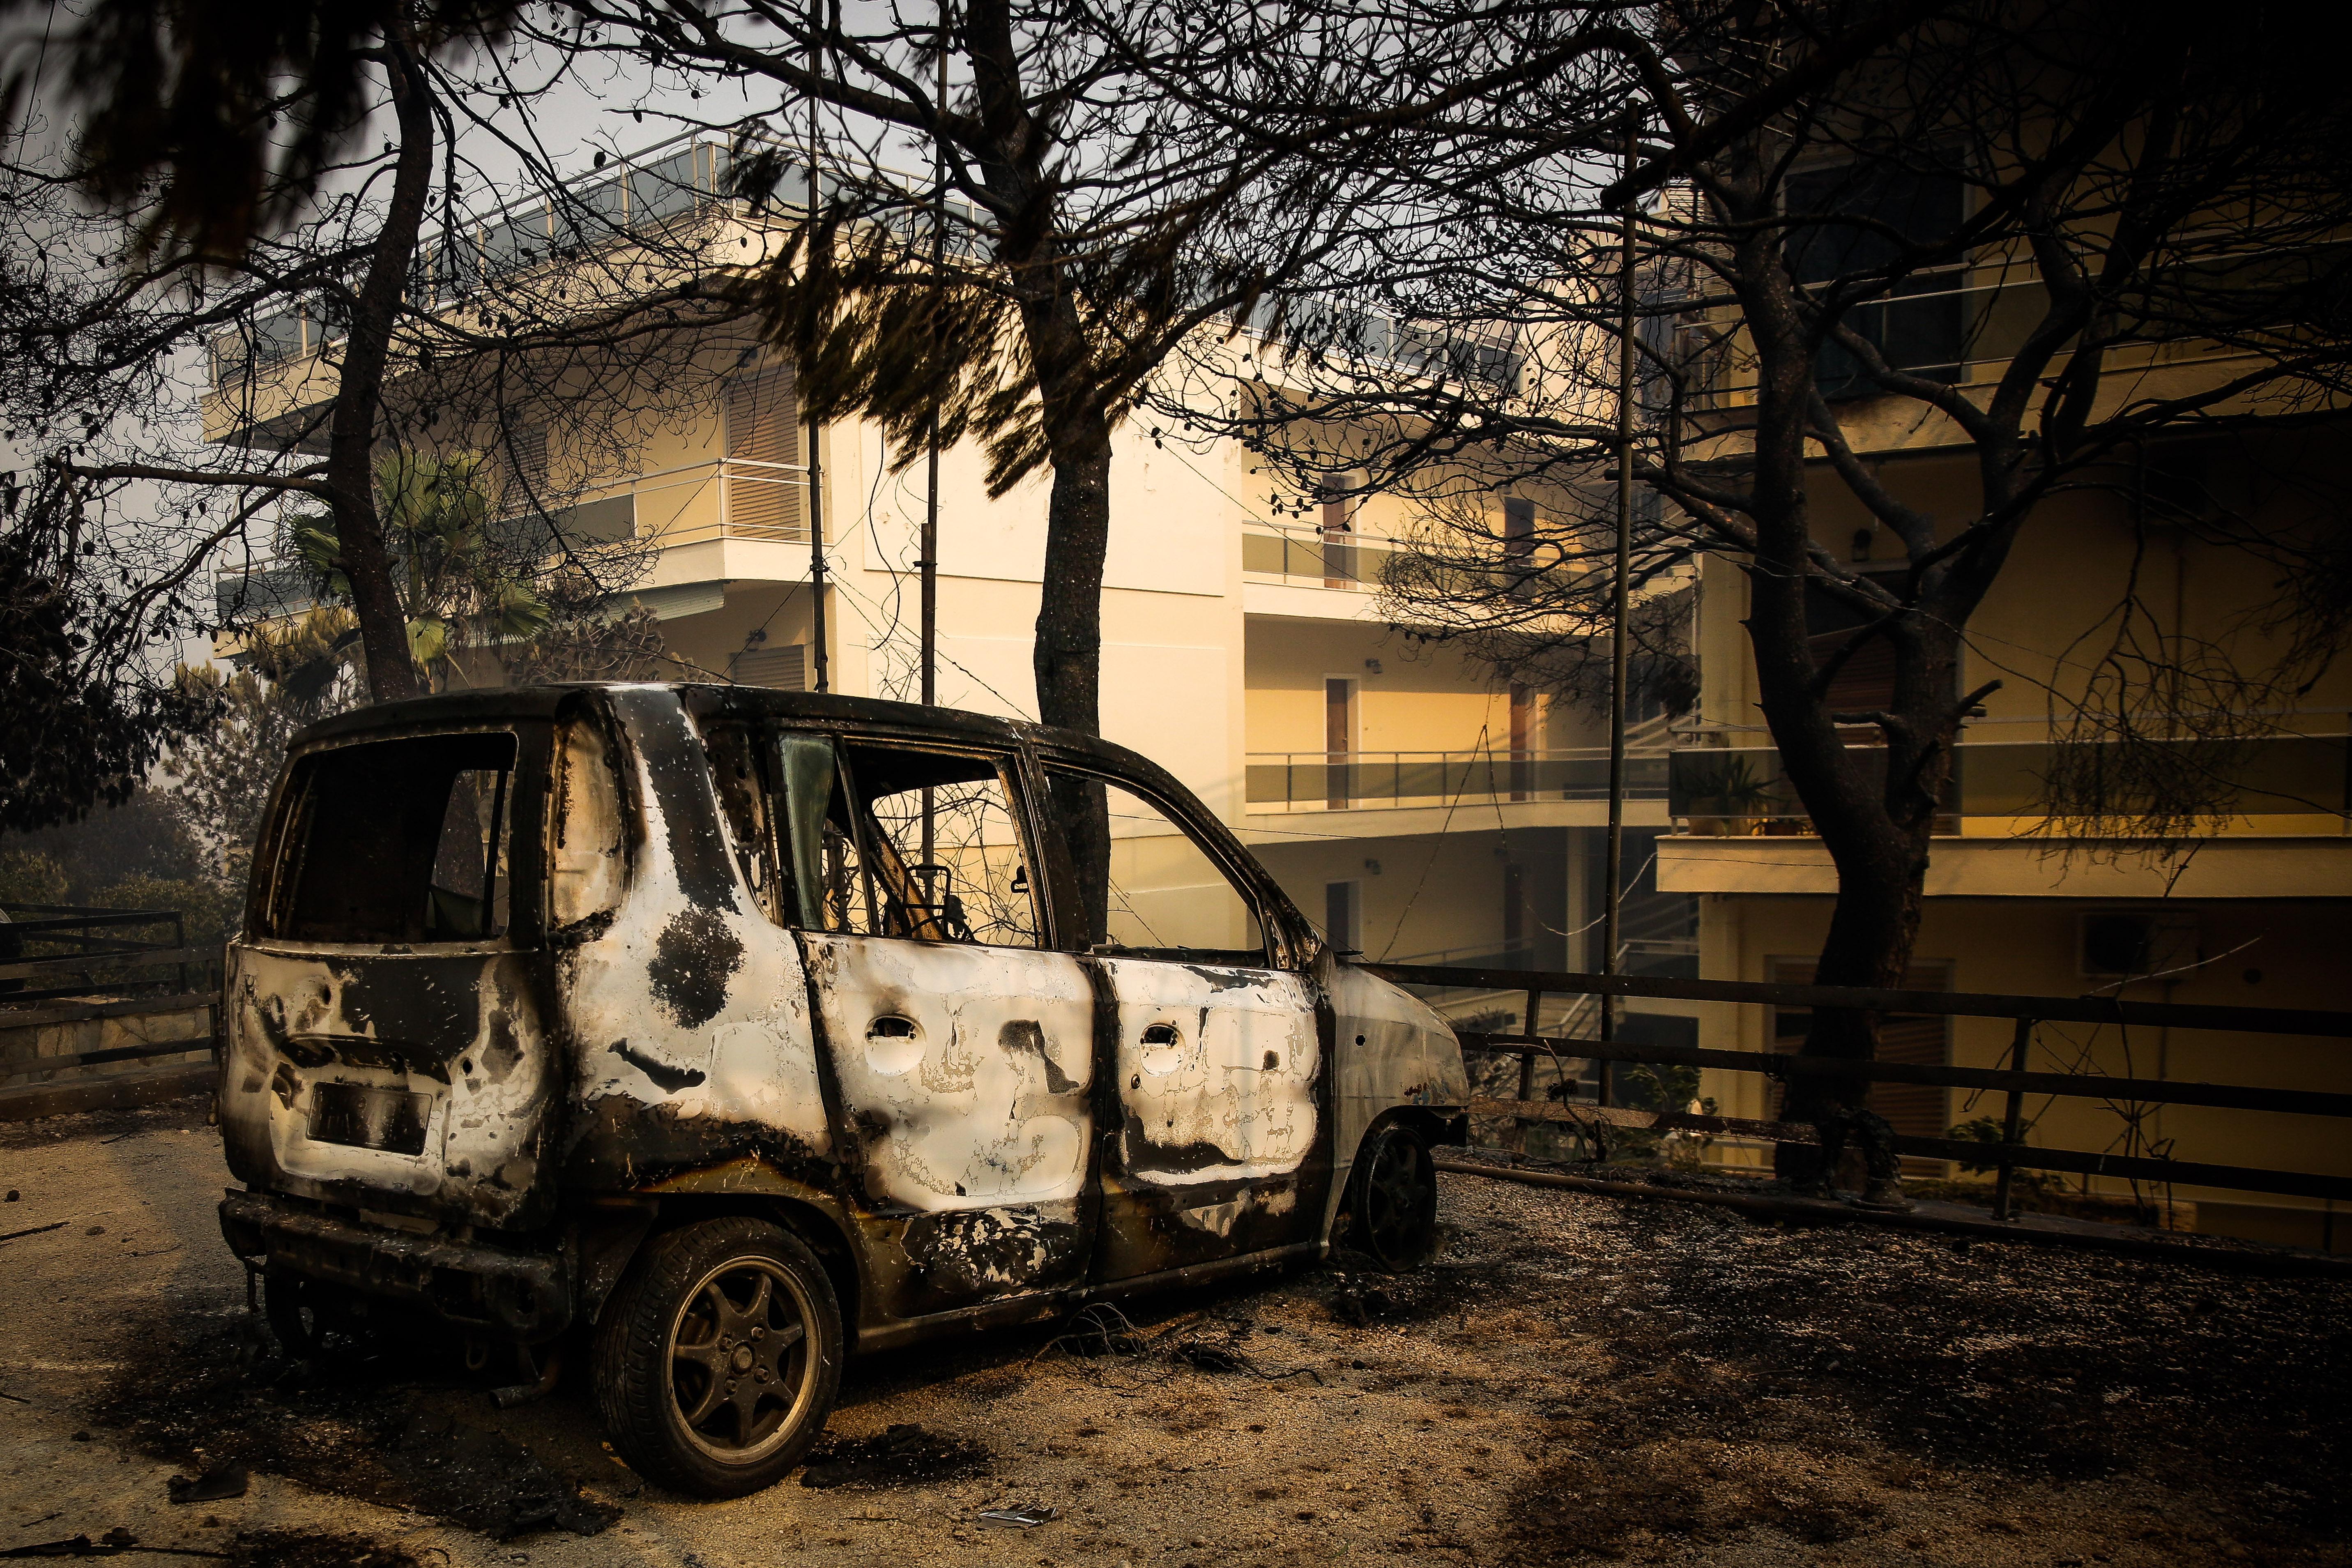 eikones-oloklirotikis-katastrofis-apo-tis-pyrkagies-foto-amp-8211-vinteo10